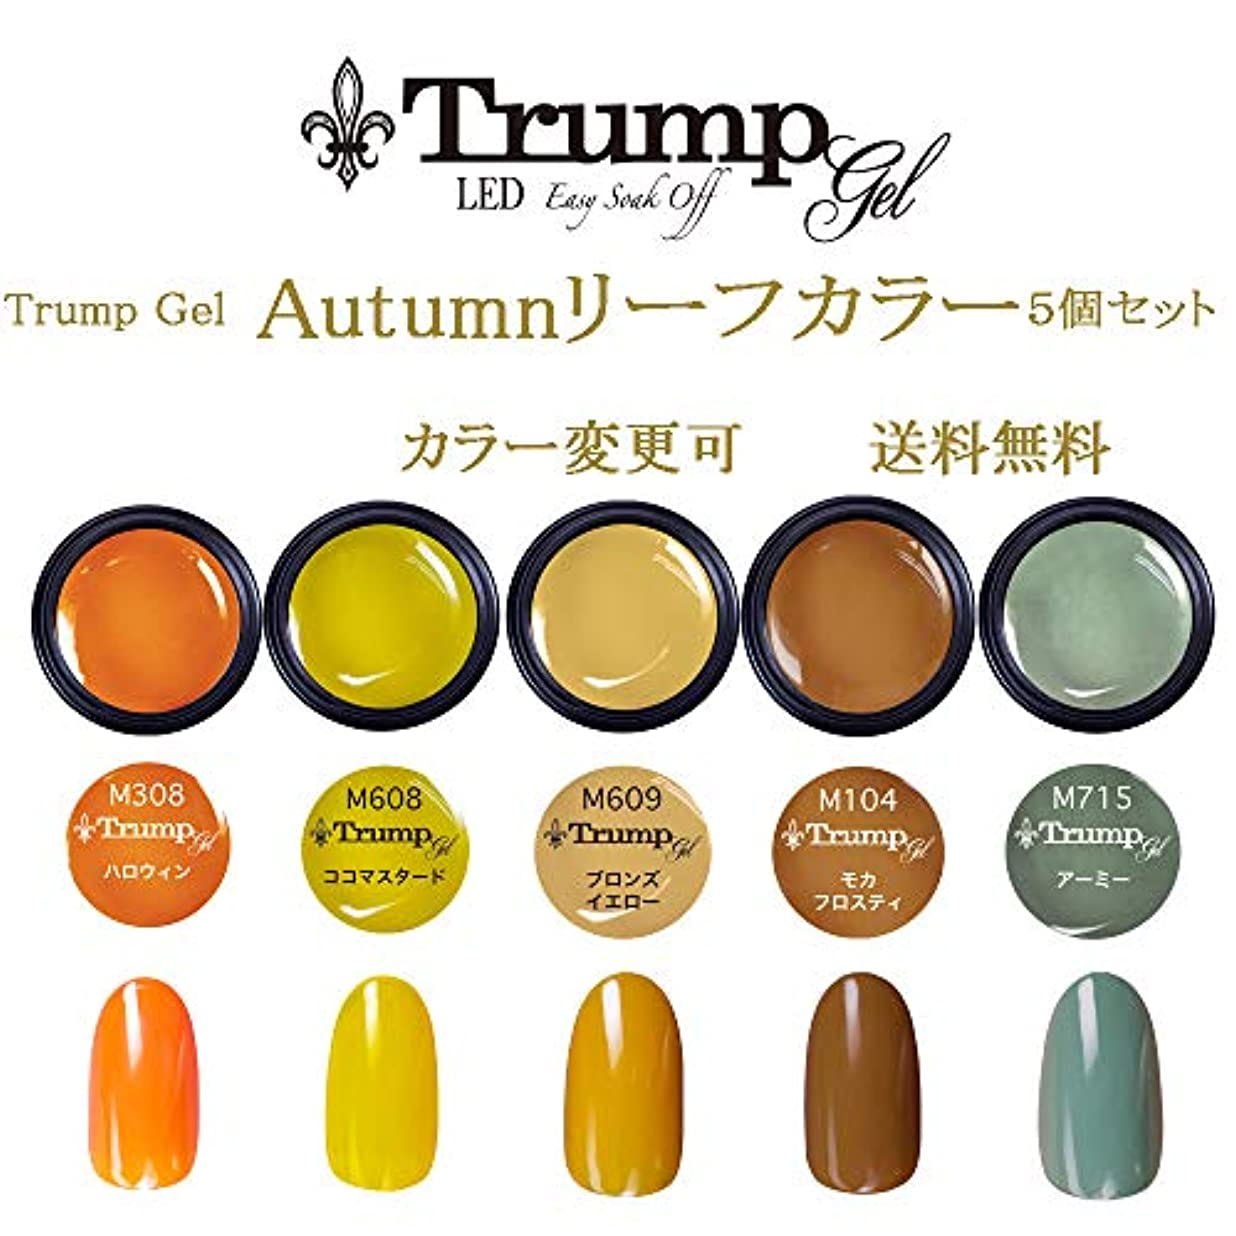 結び目拒絶任意【送料無料】日本製 Trump gel トランプジェル オータムリーフカラー 選べる カラージェル 5個セット オータムネイル ベージュ ブラウン マスタード カラー